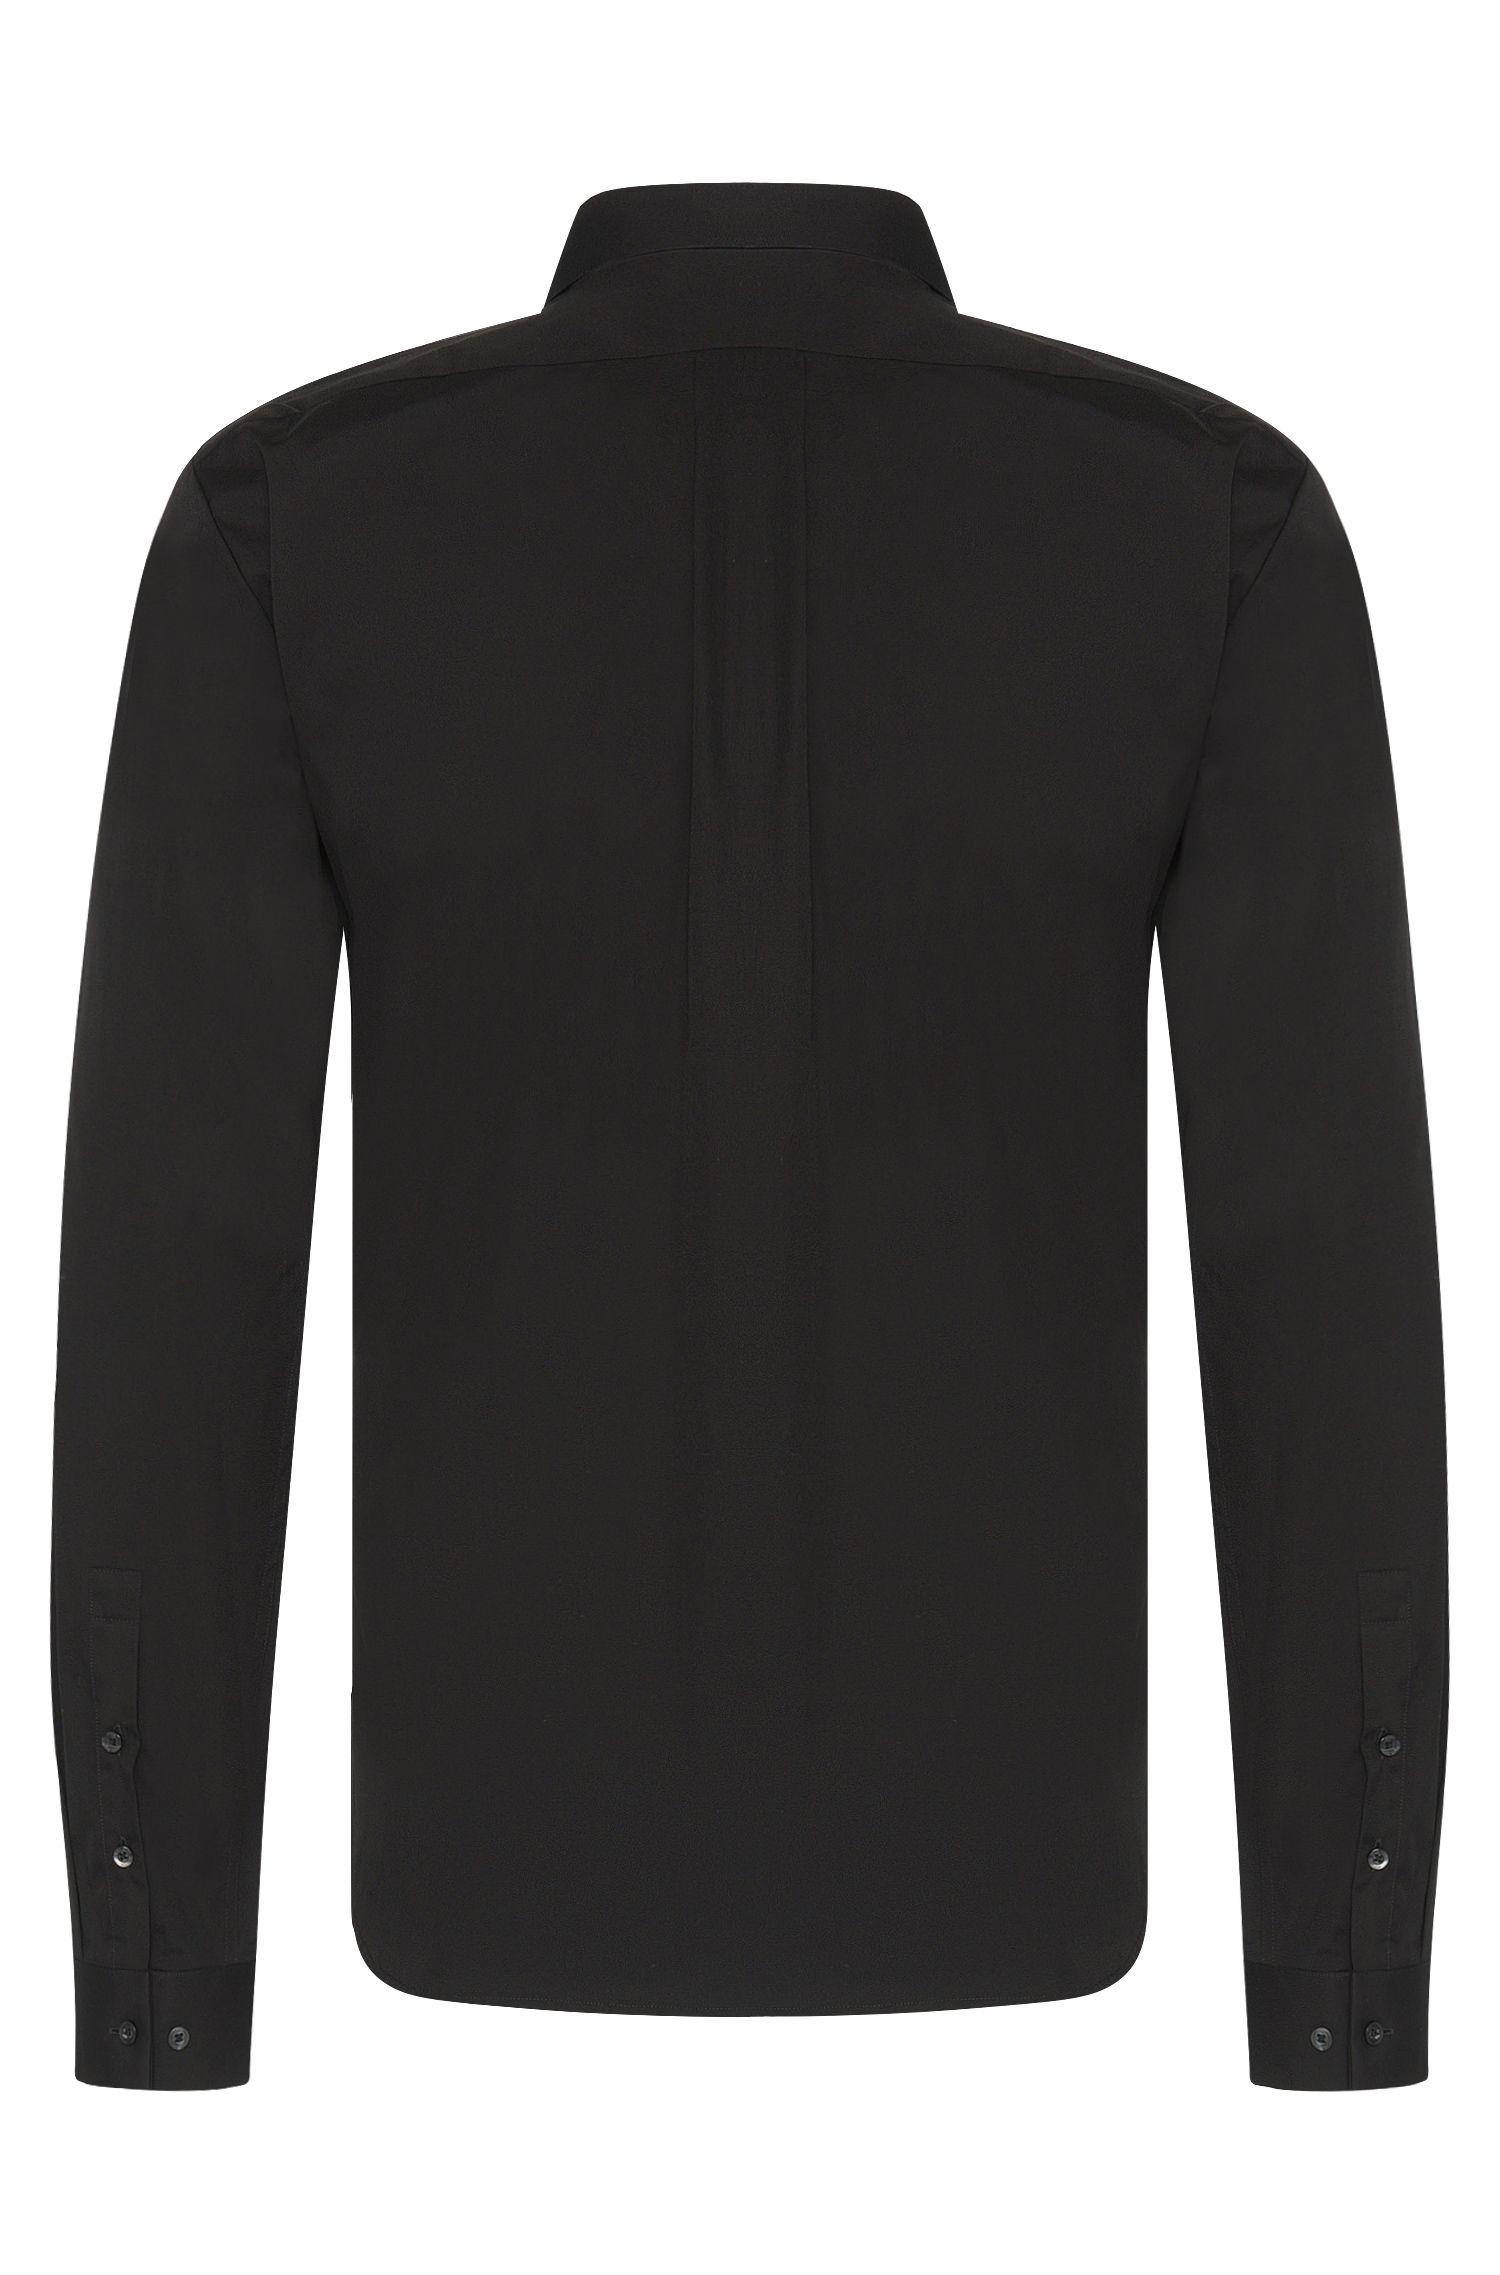 Unifarbenes Slim-Fit Hemd aus Baumwolle: 'Ero3'